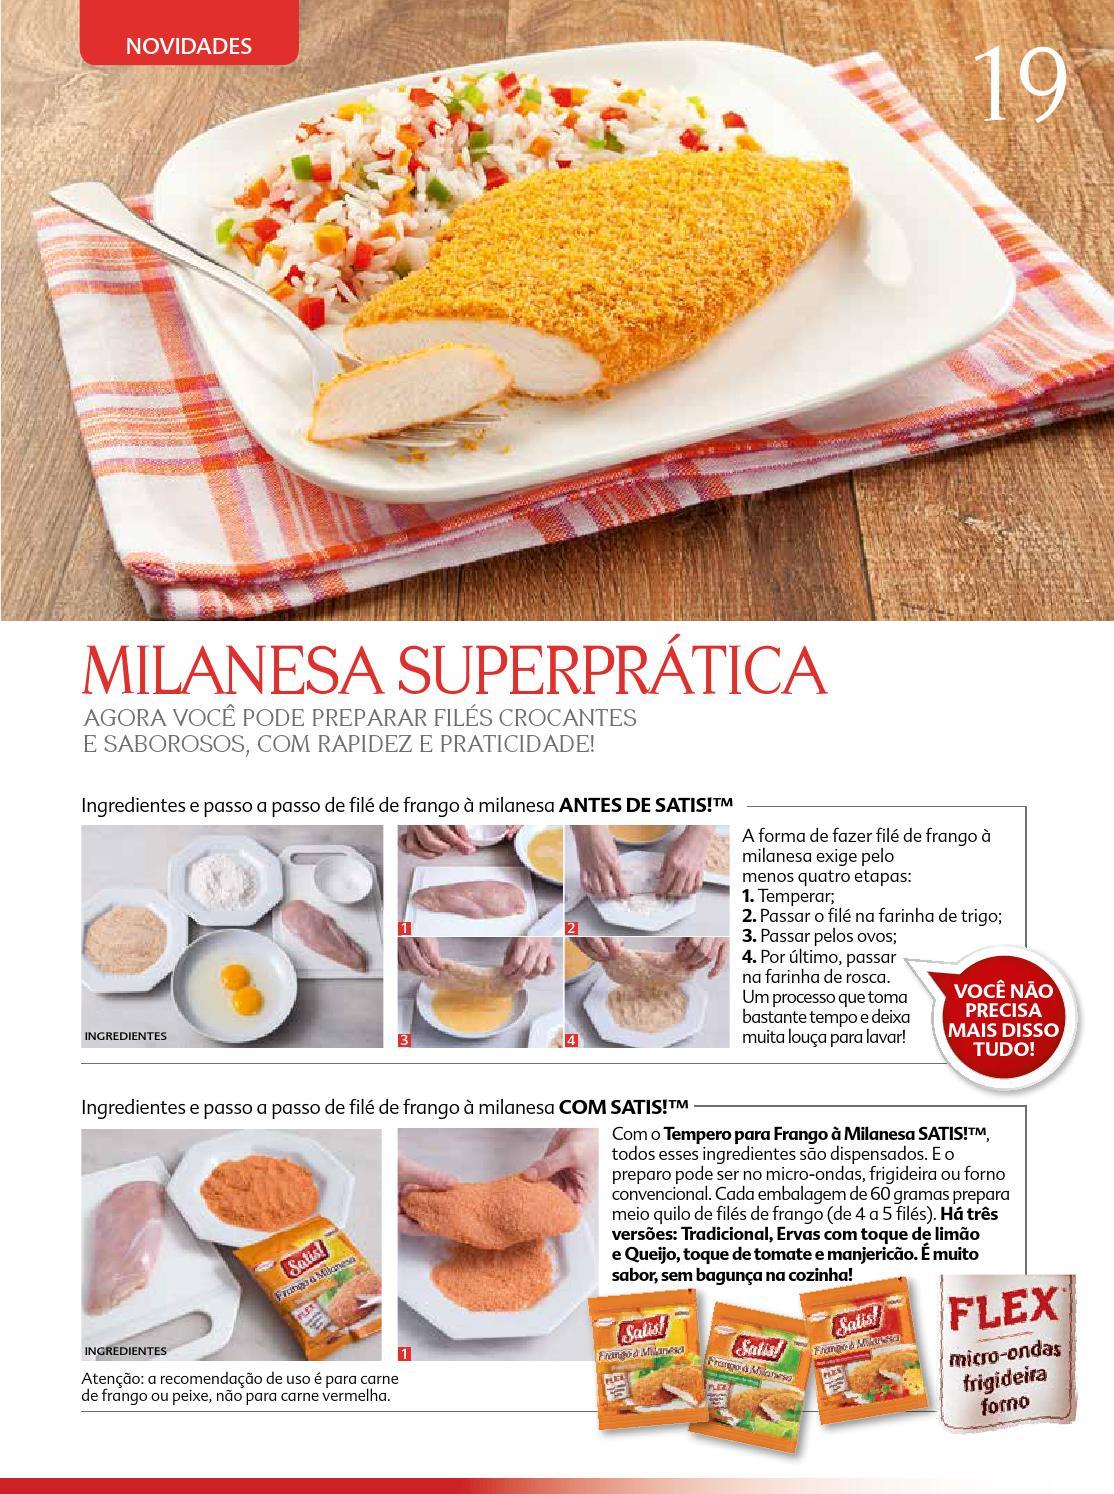 Ingredientes para milanesa de carne